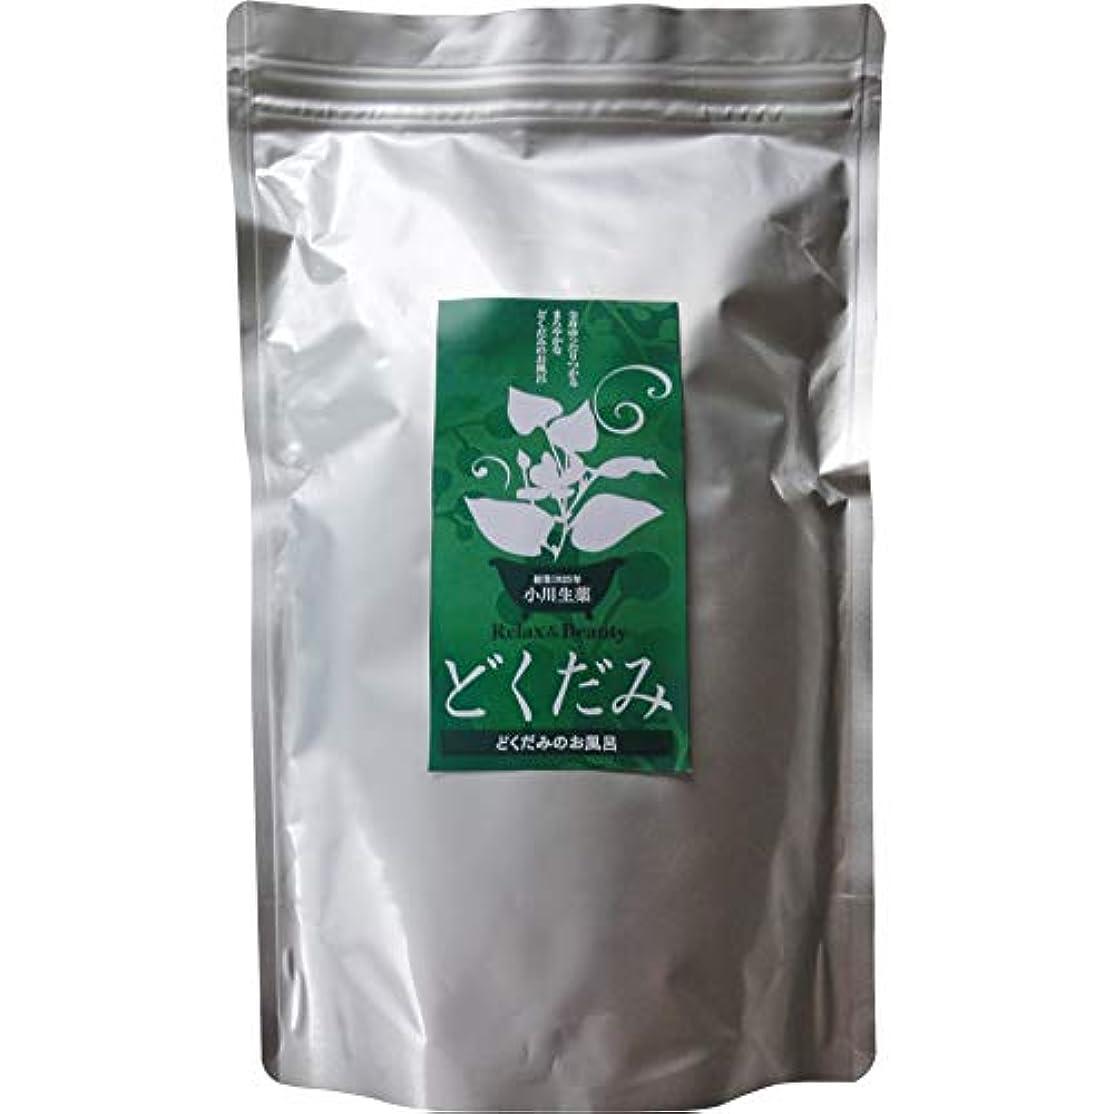 純粋なもろいリル小川生薬のどくだみのお風呂 25g*10袋